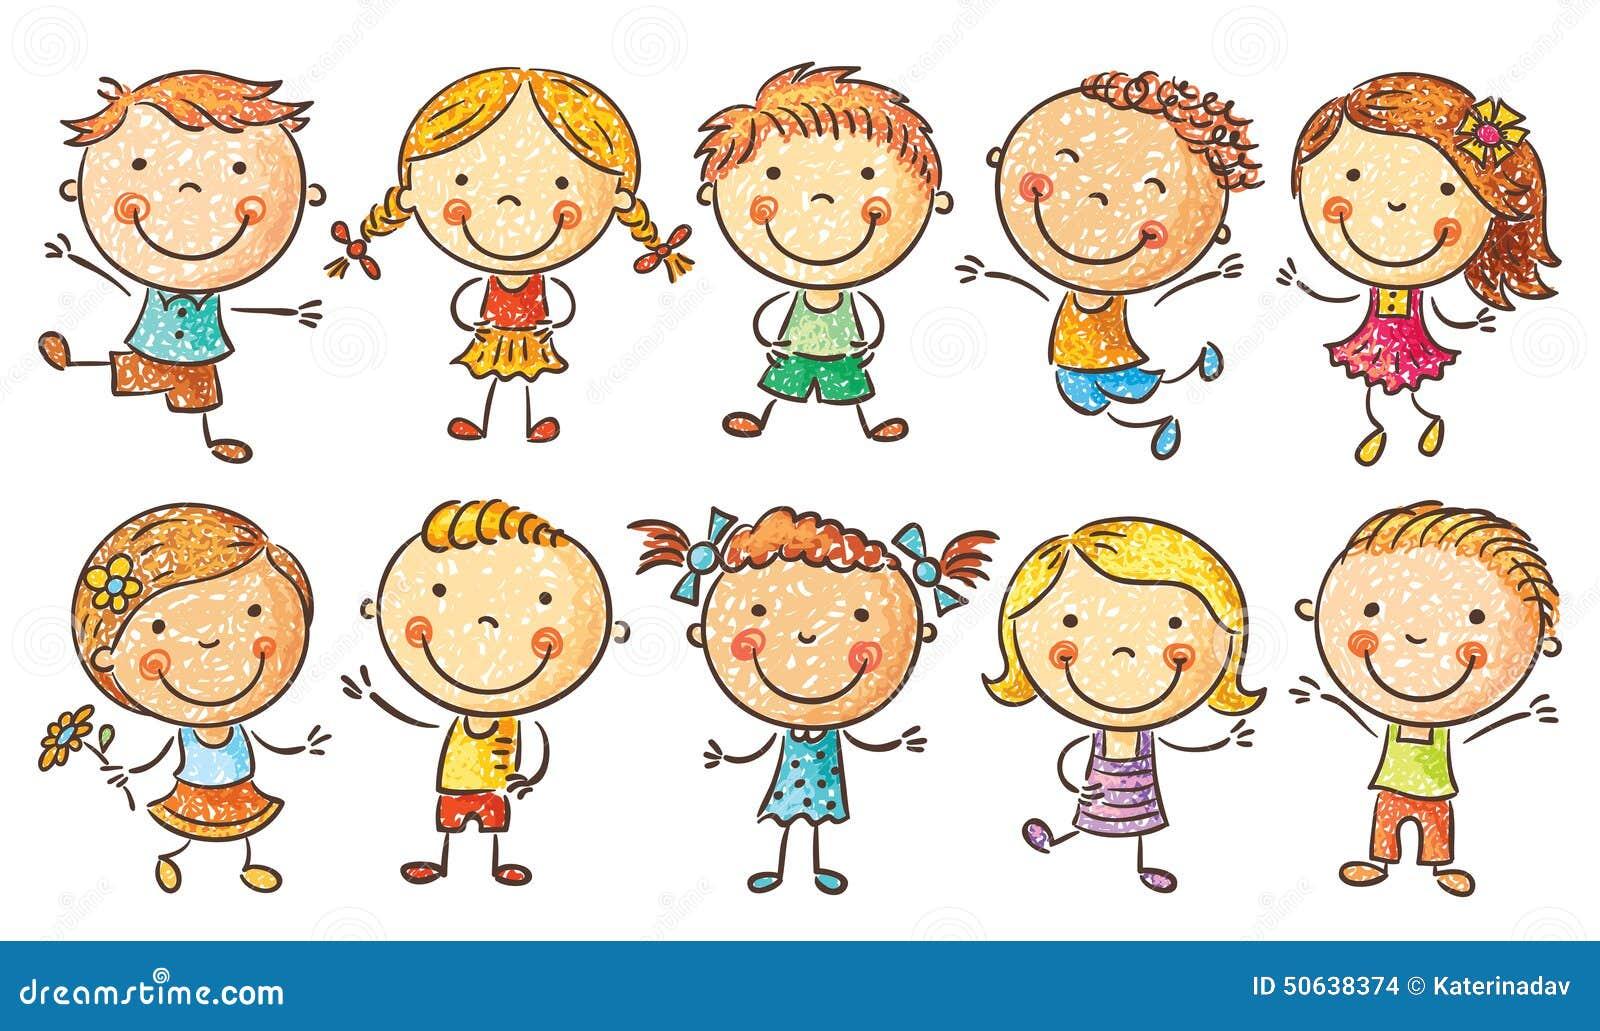 Dez Criancas Felizes Dos Desenhos Animados Ilustracao Do Vetor